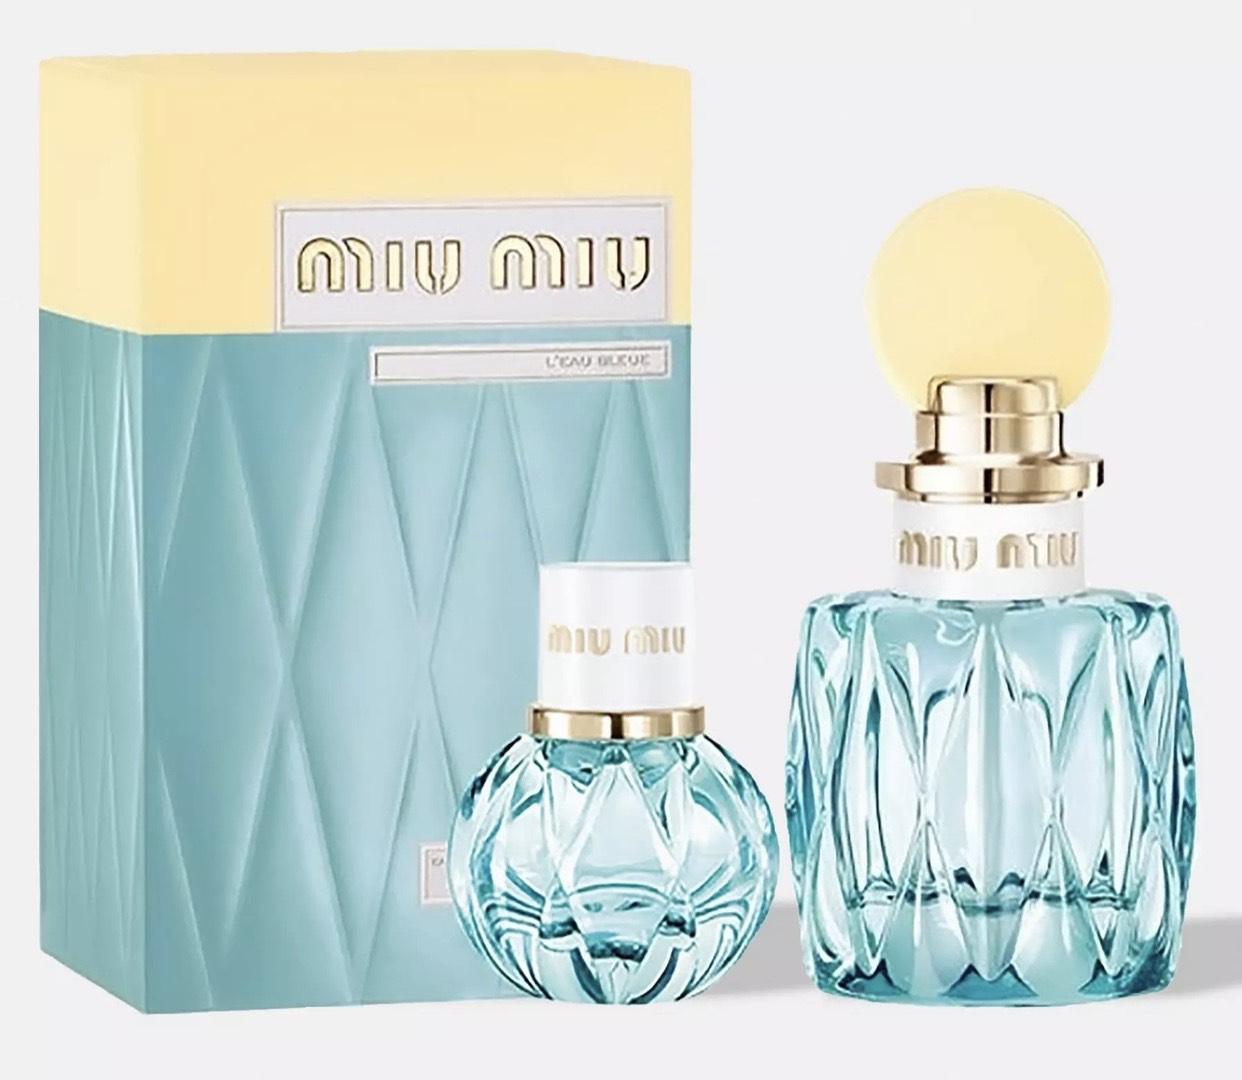 miu miu l'eau bleue eau de parfum 100ml & 20ml gift set £22.50 + £3.99 Delivery @Missguided